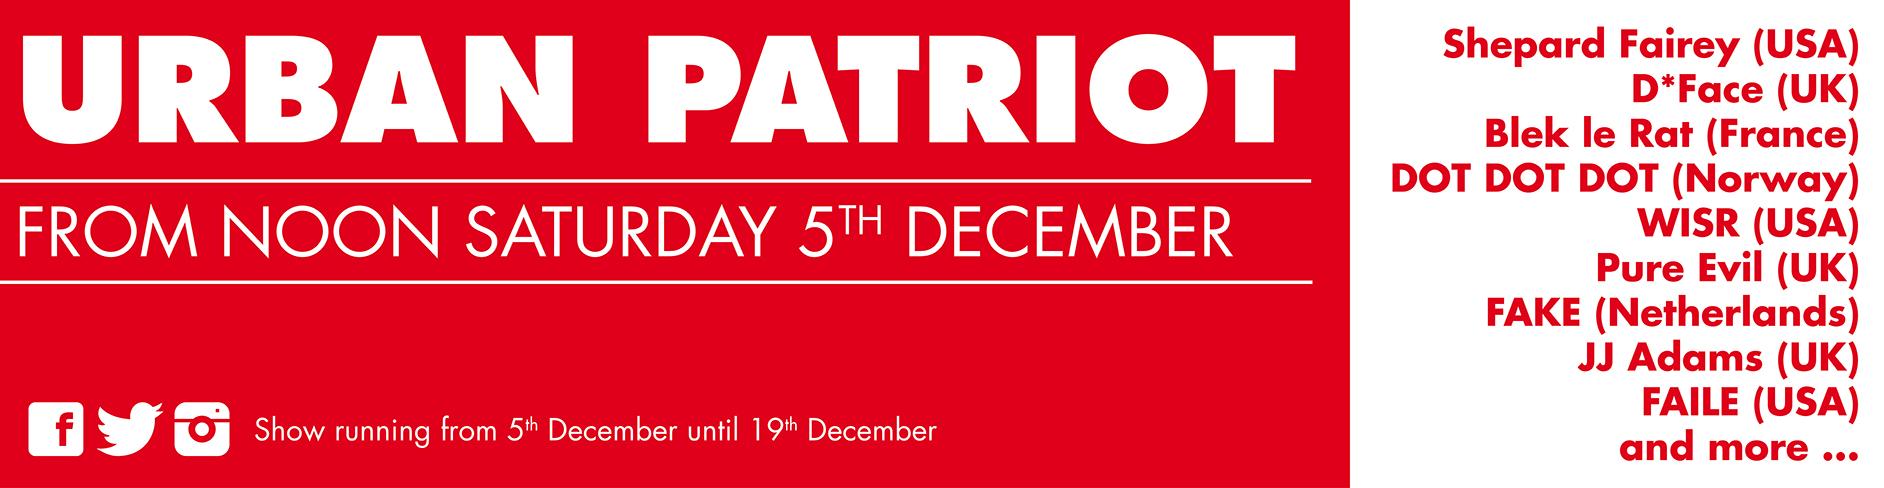 Urban Patriot Exhibition